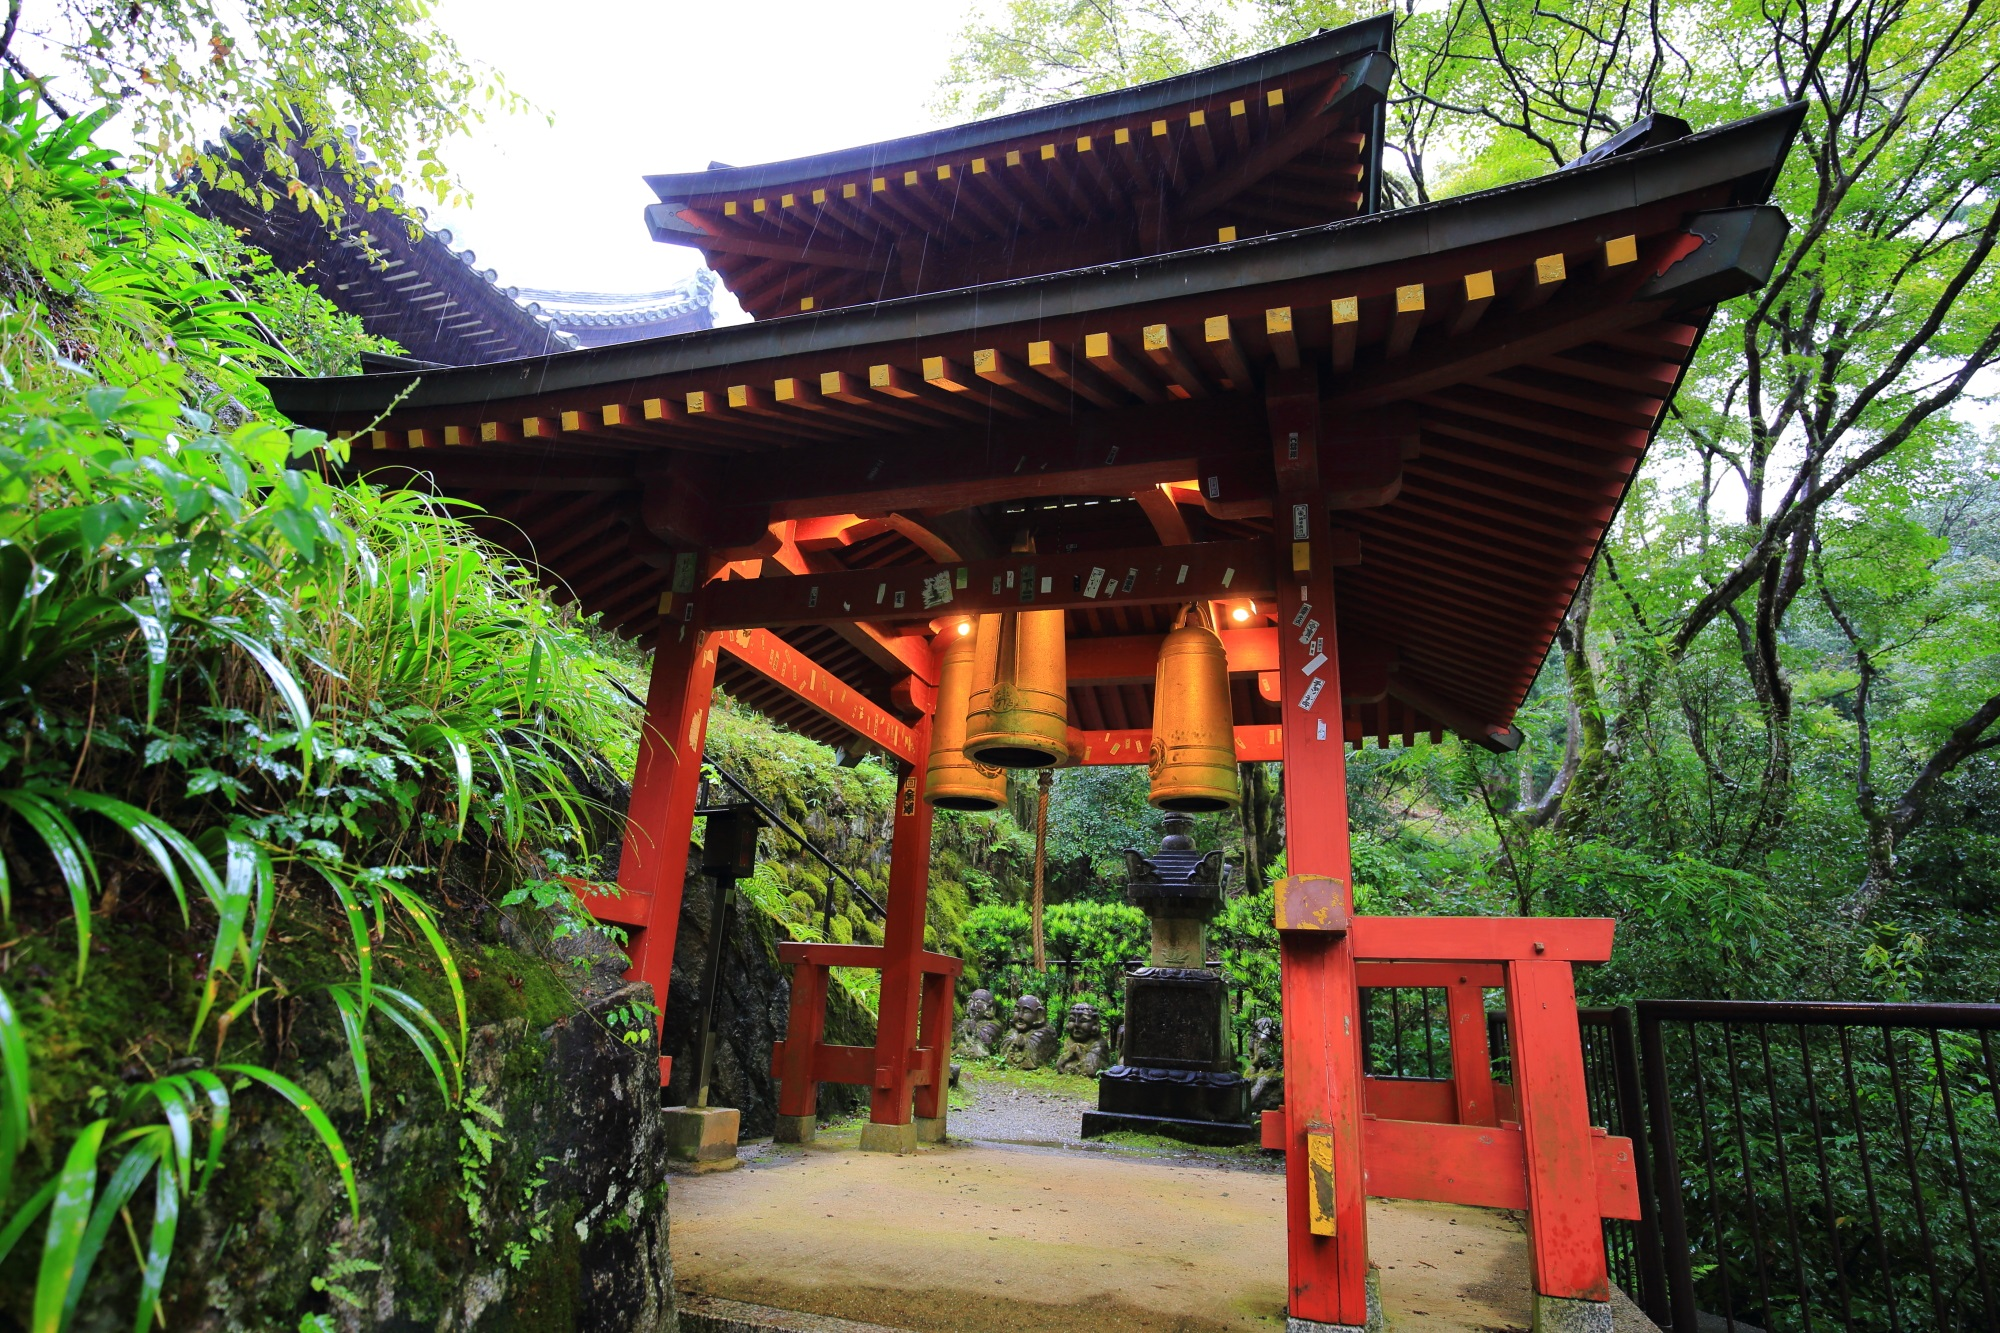 愛宕念仏寺の三宝の鐘